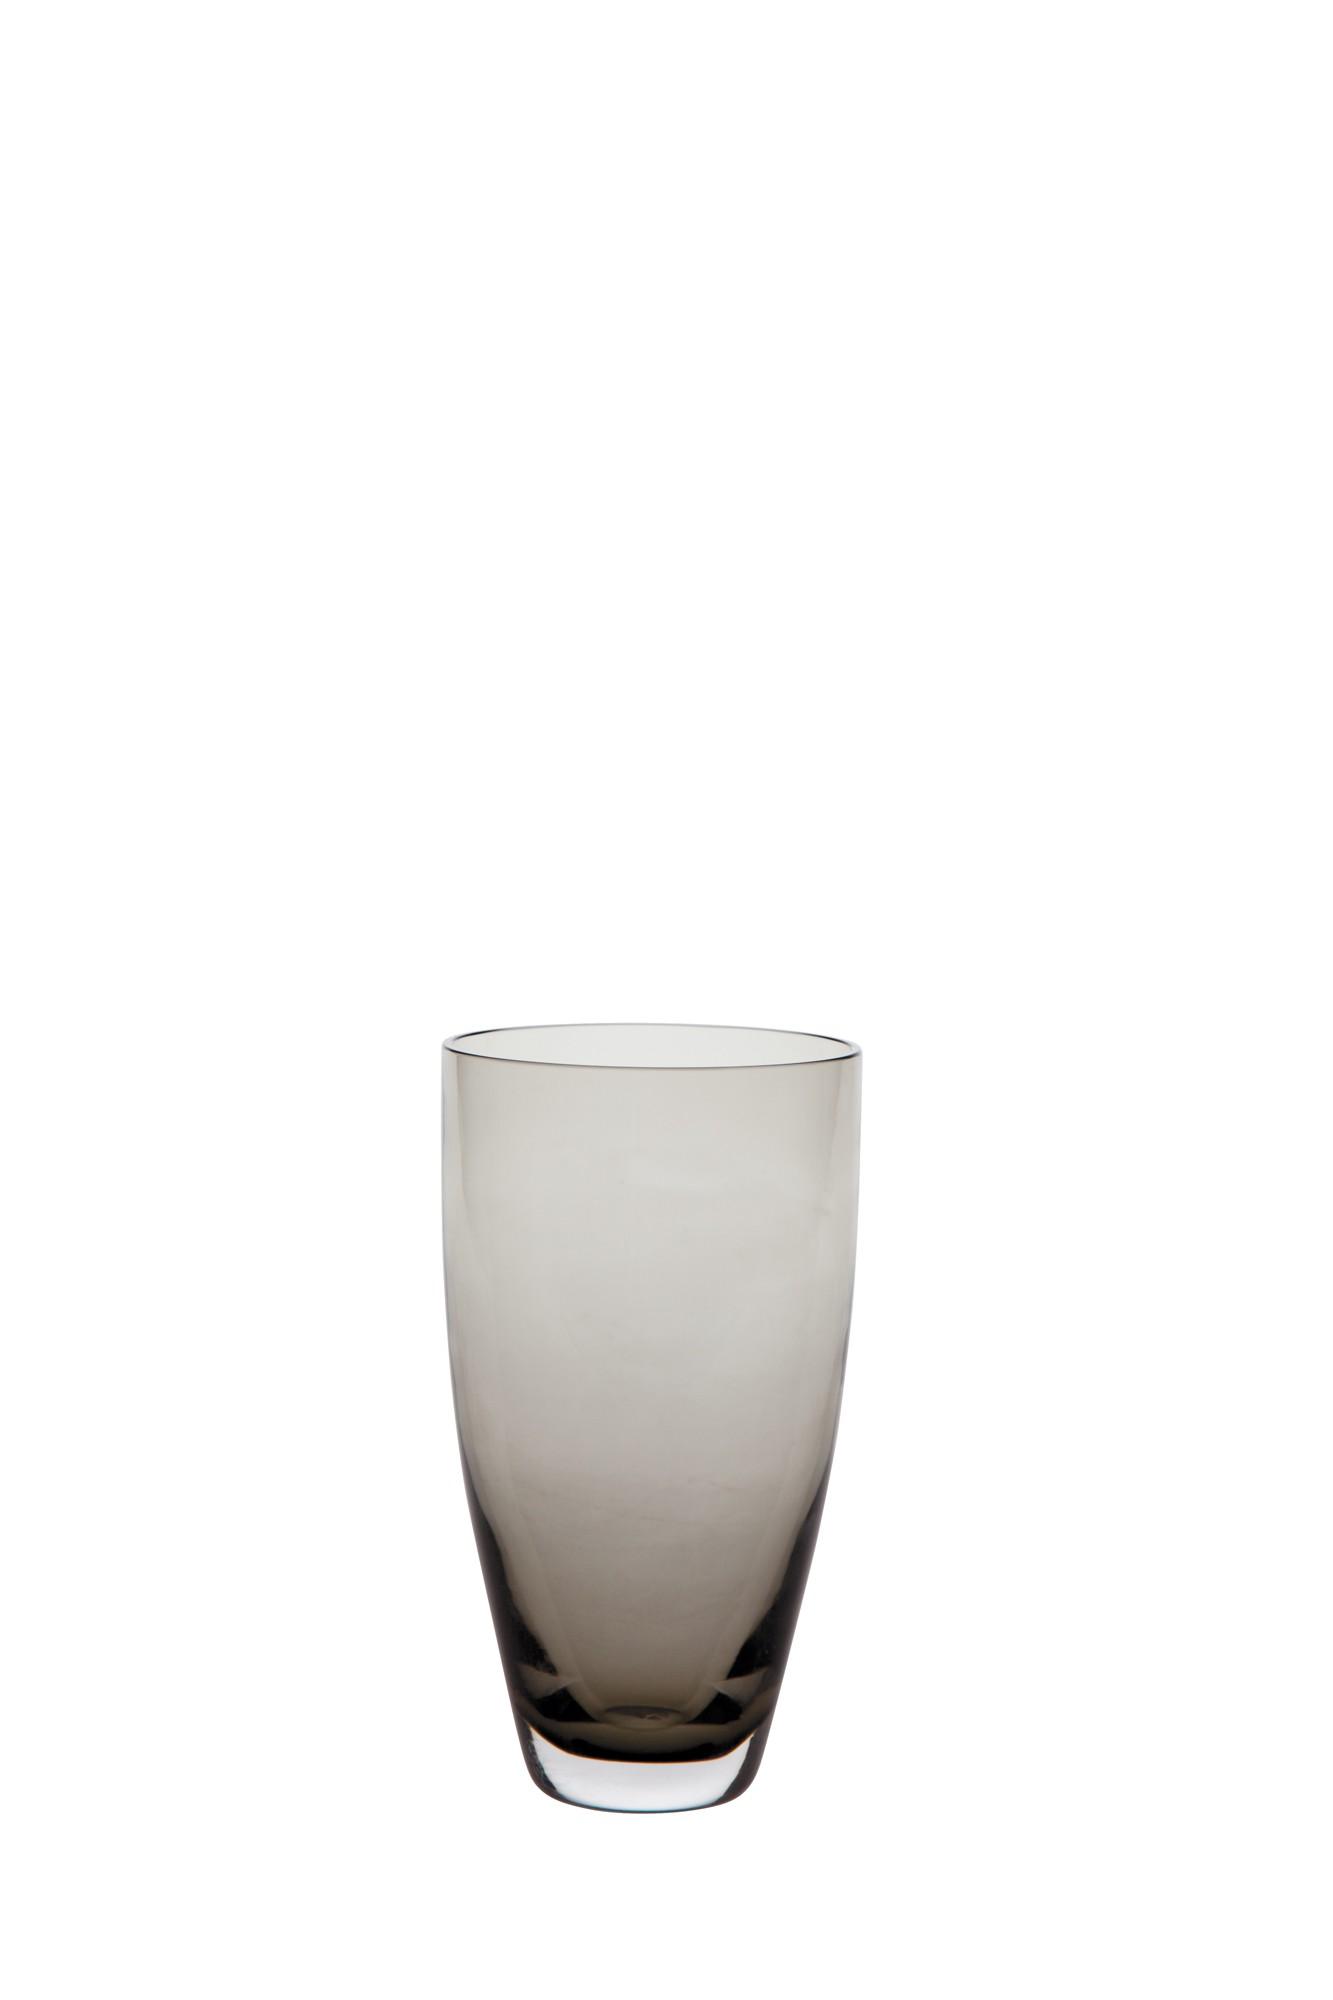 Ποτήρι Νερού - Αναψυκτικού Paradise Smoke Σετ 6Τμχ 500ml Ionia home   ειδη σερβιρισματος   ποτήρια